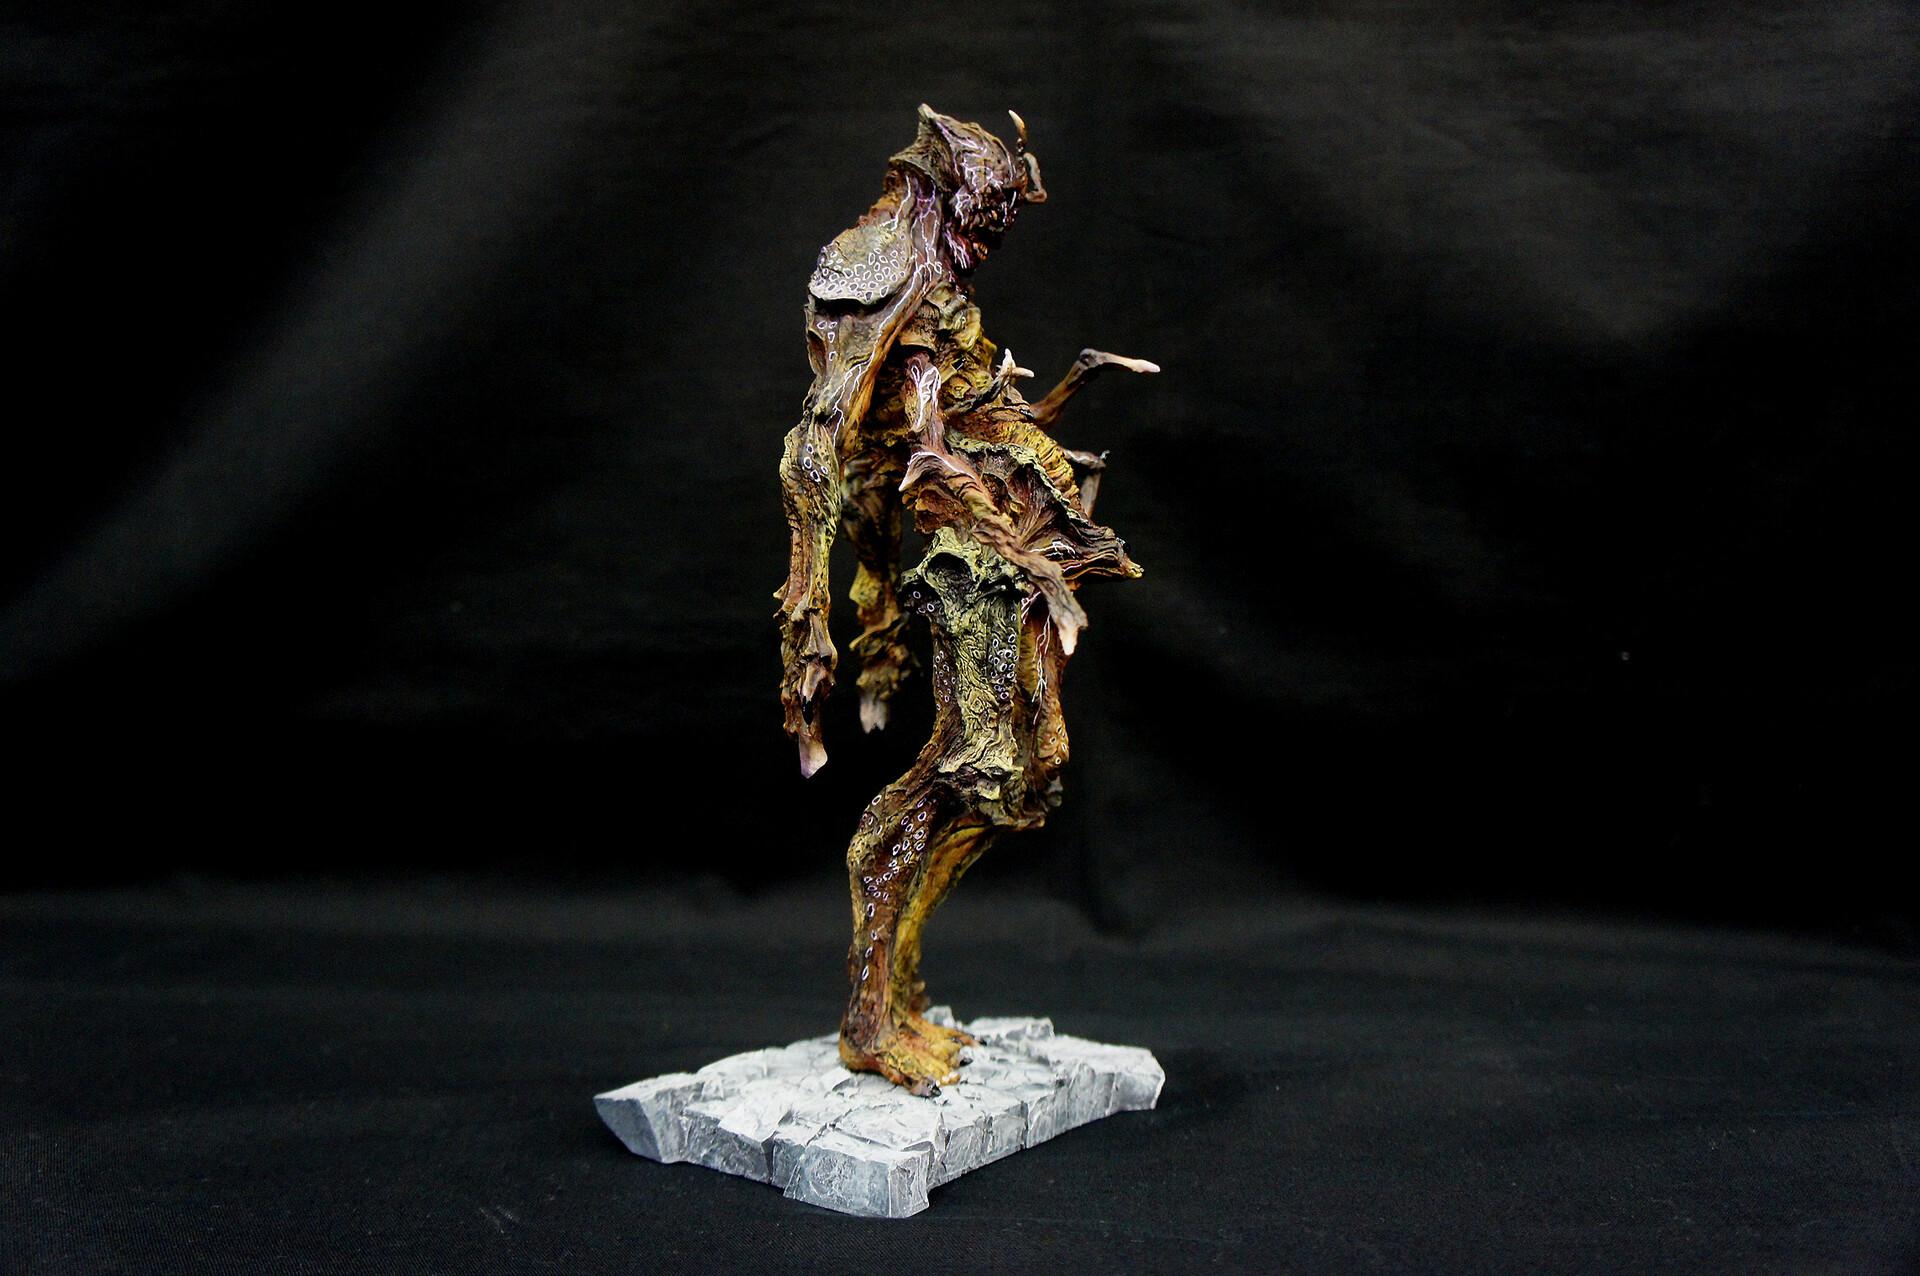 Hellpainter Unspoiled  Art Statue  https://www.solidart.club/